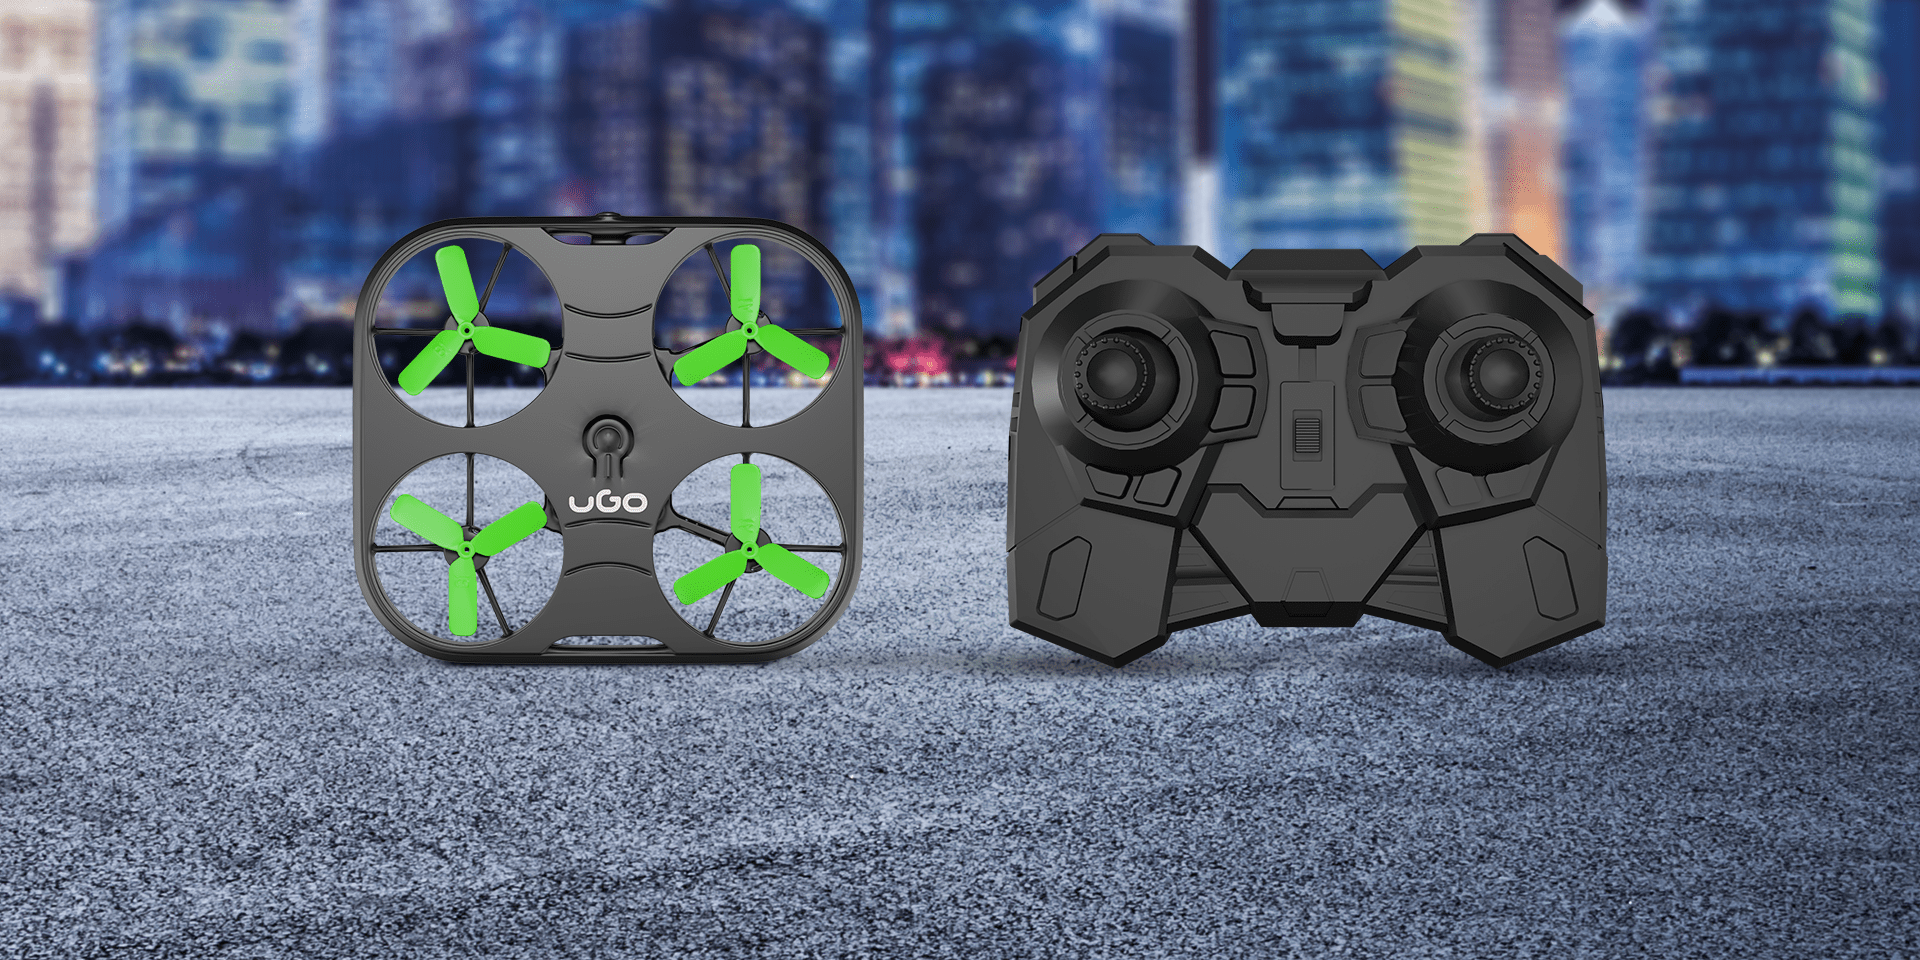 drone ugo zephir 3.0 3